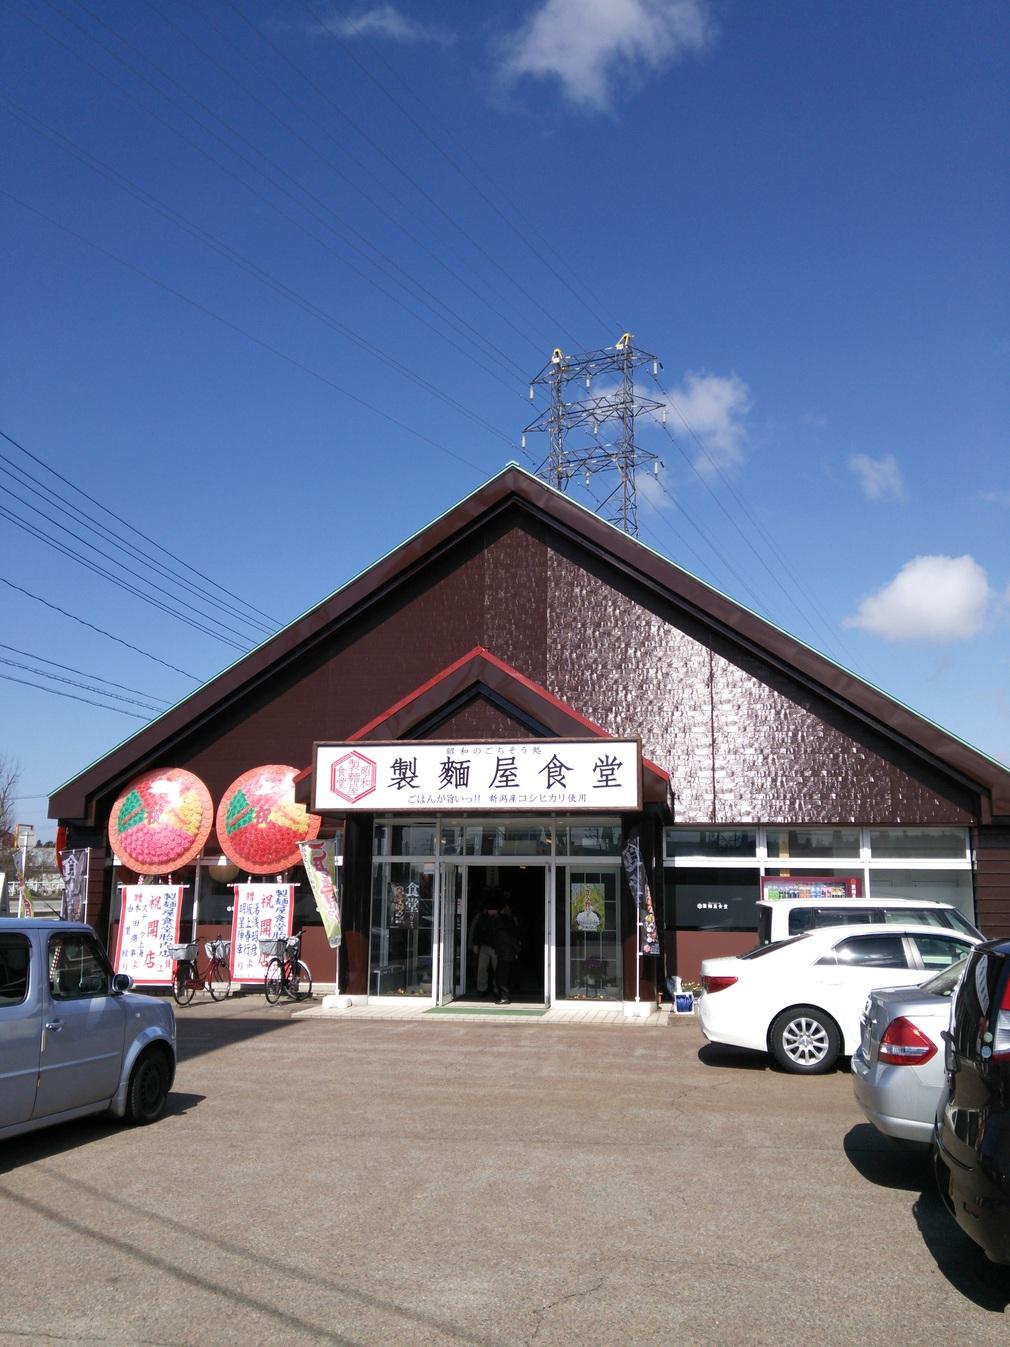 製麺屋食堂 胎内店